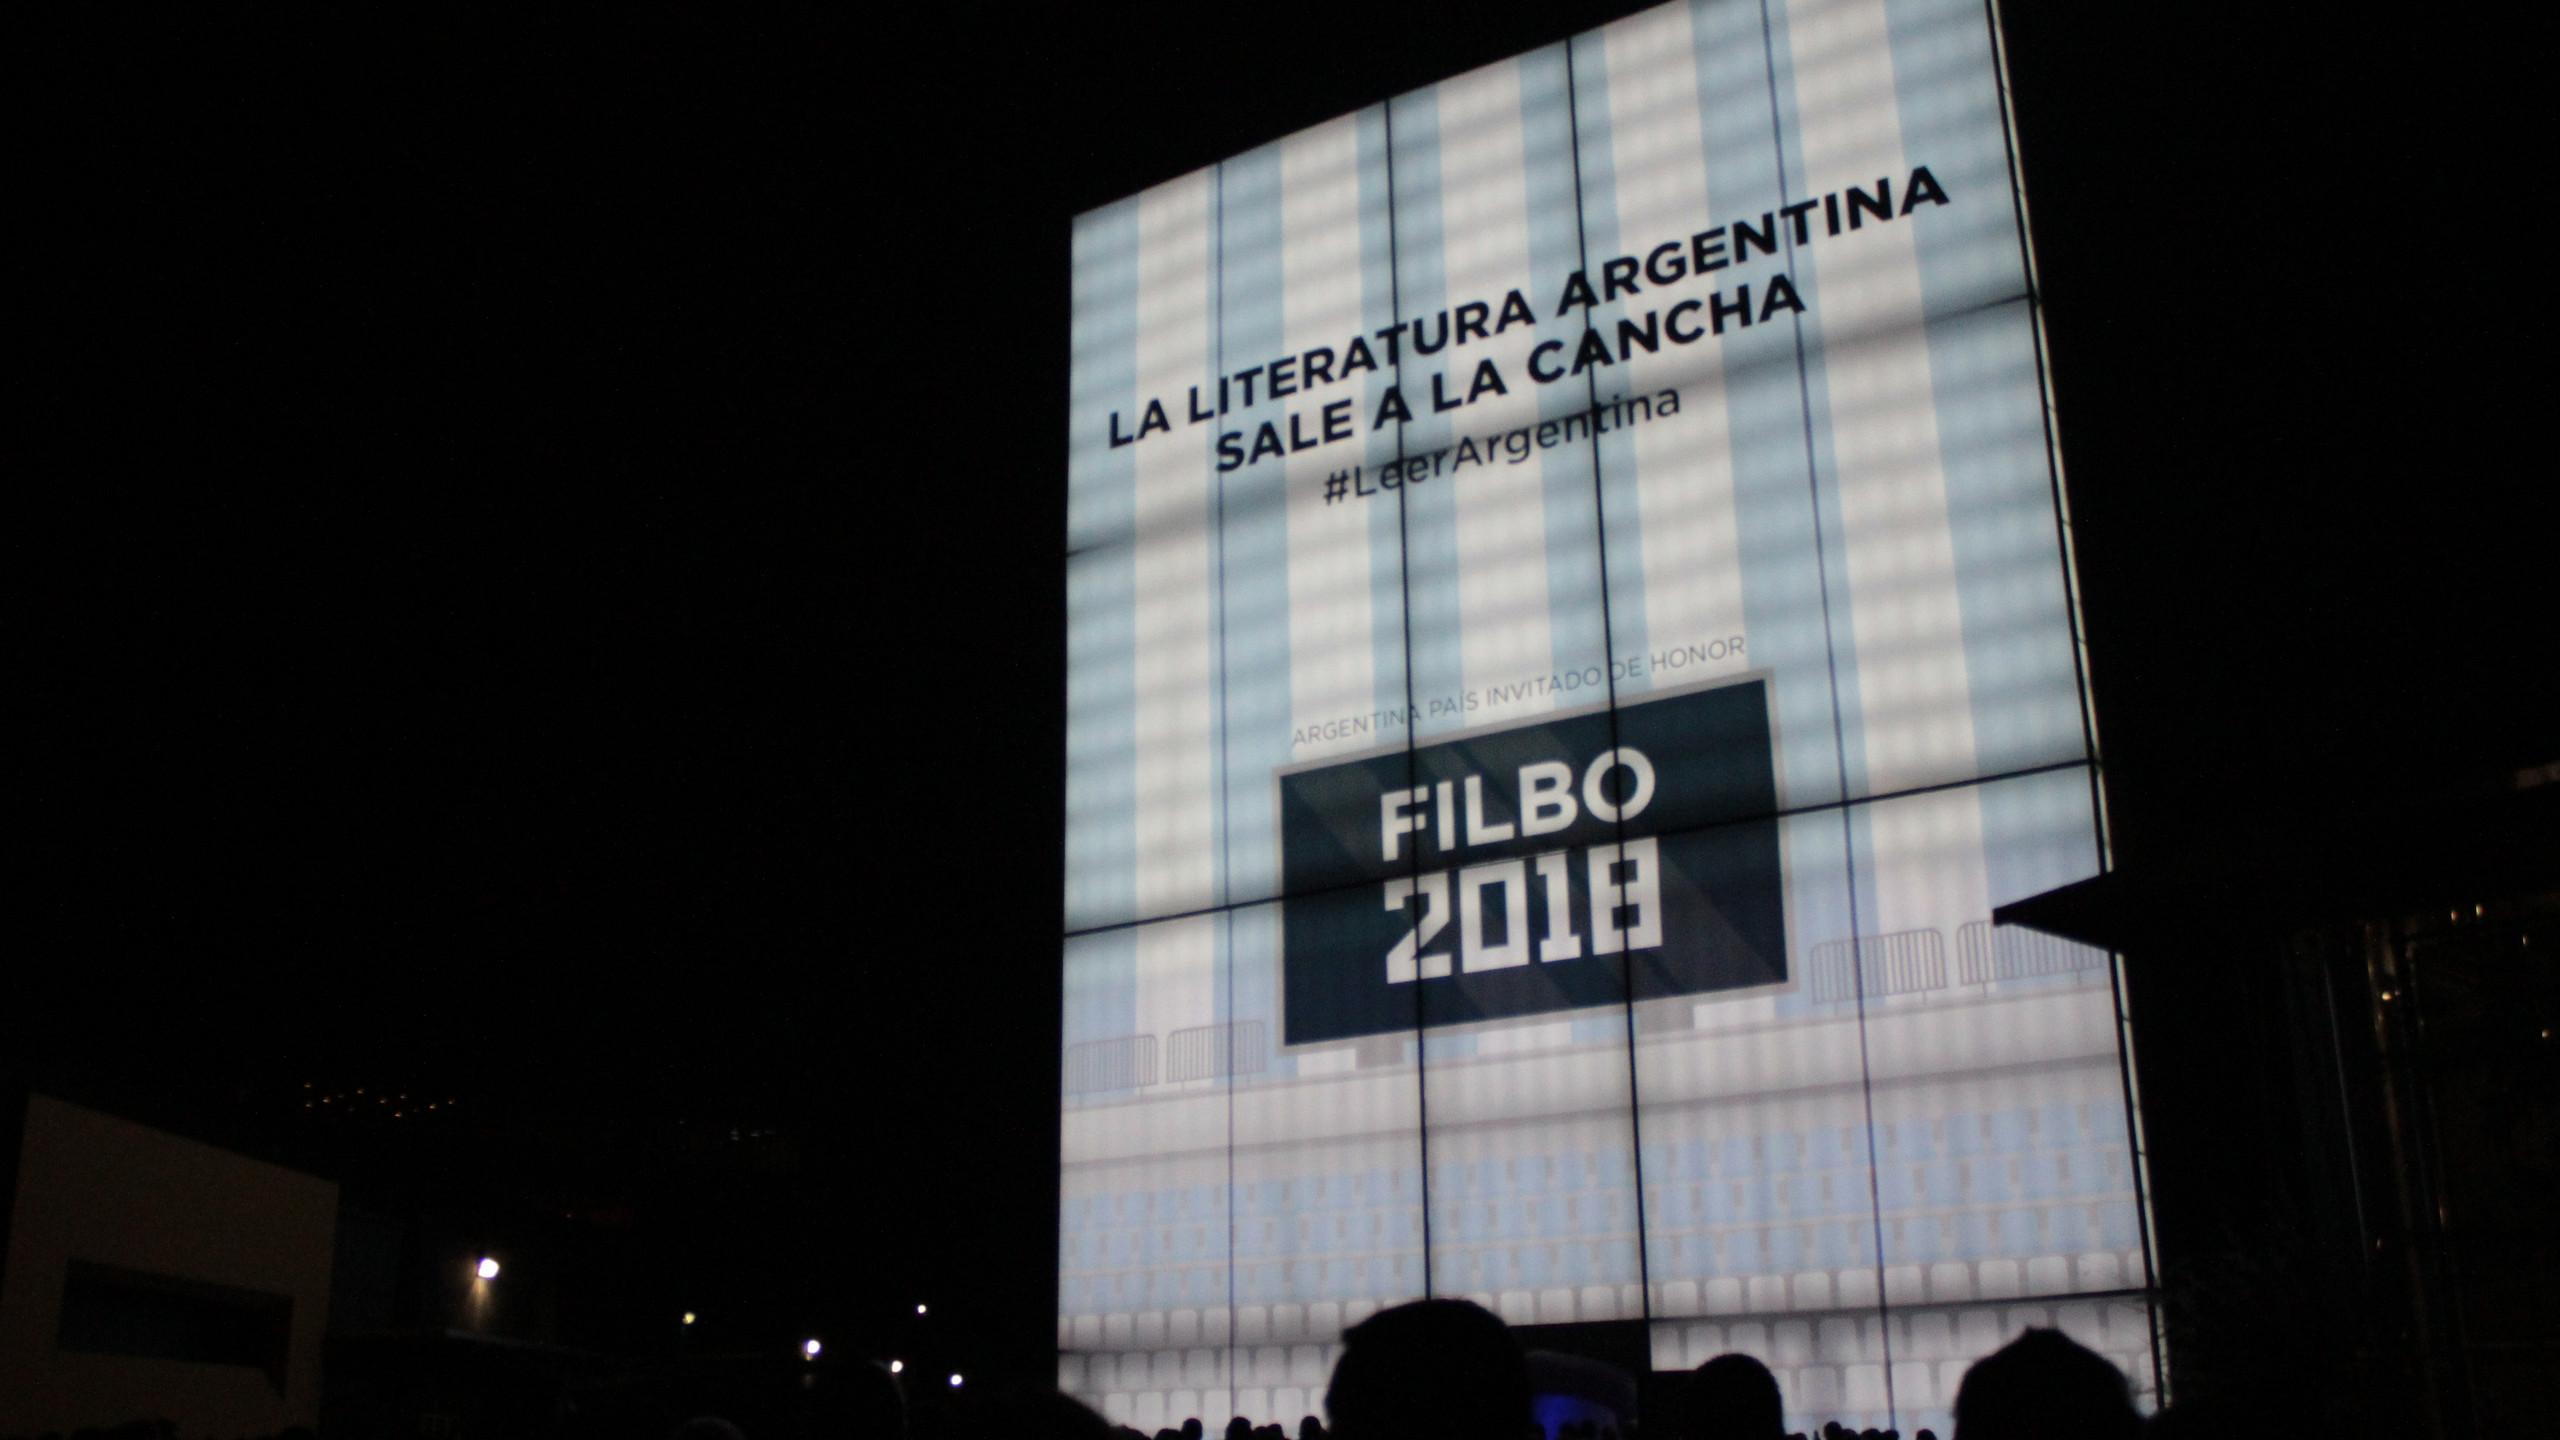 Inauguración de la FilBo 2018